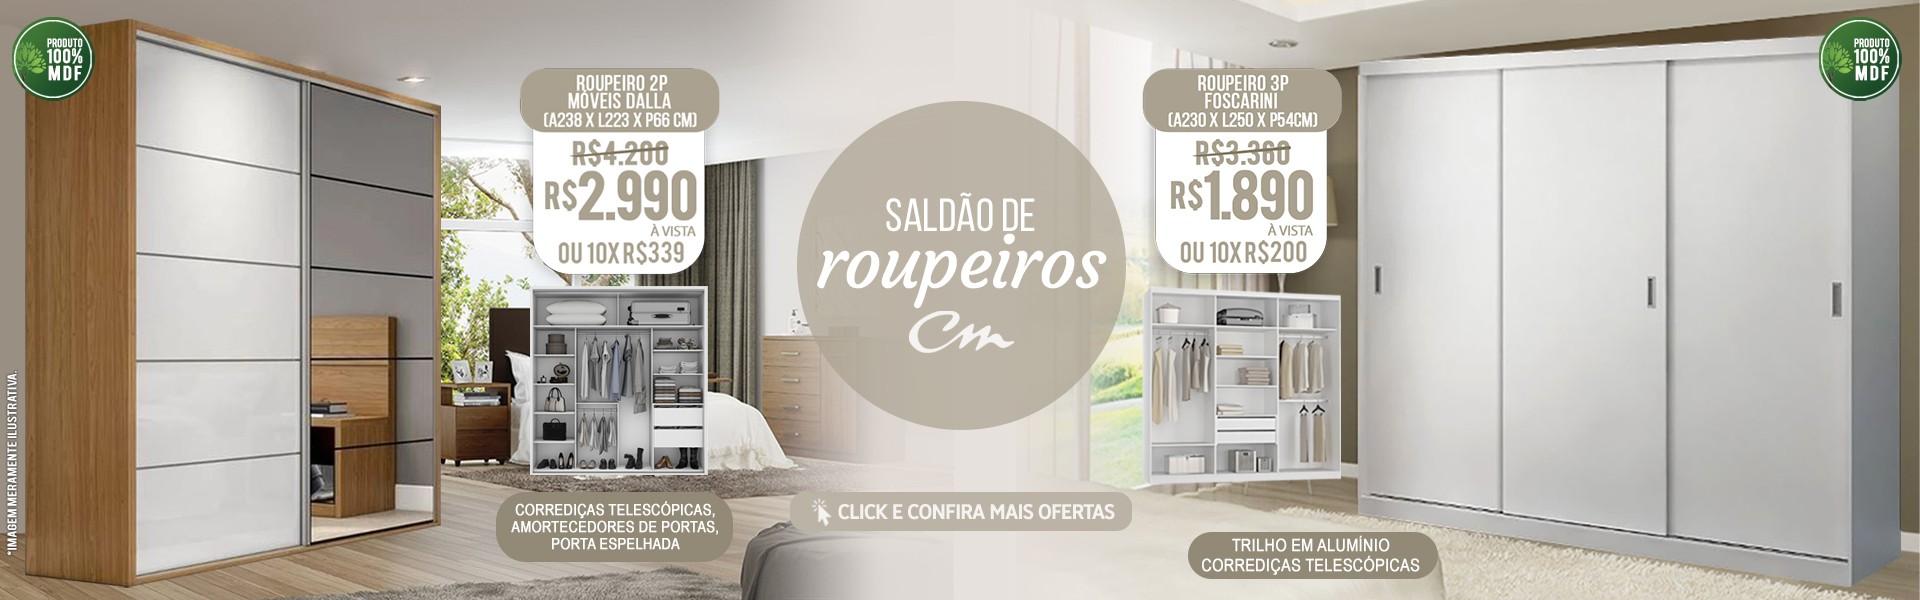 SALD?O DE ROUPEIROS